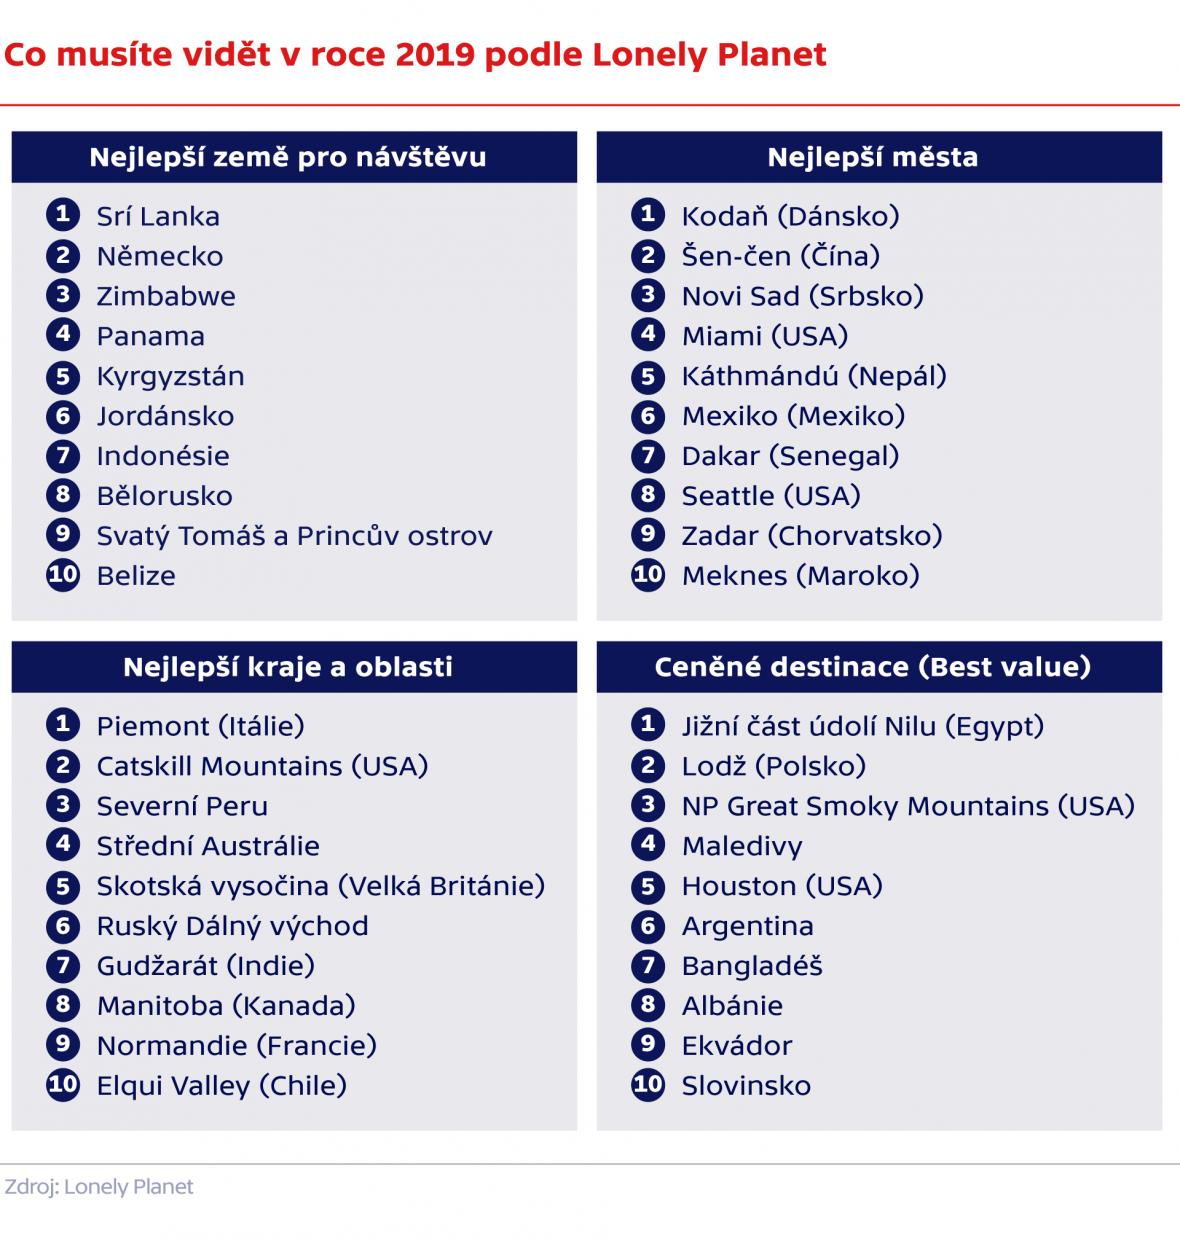 Co musíte vidět v roce 2019 podle Lonely Planet